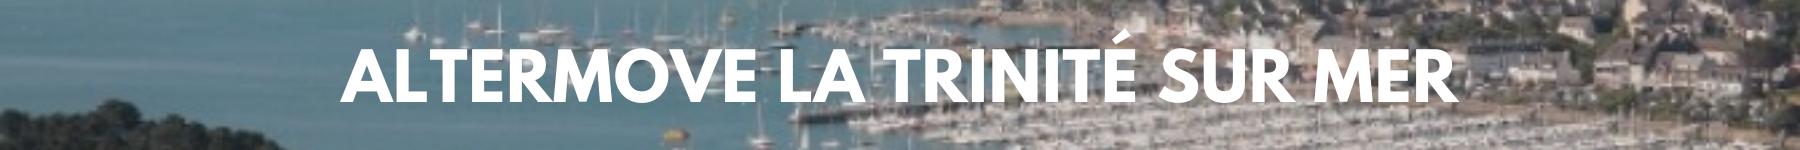 Magasin Altermove La Trinité-Sur-Mer vélo electrique trottinette electrique